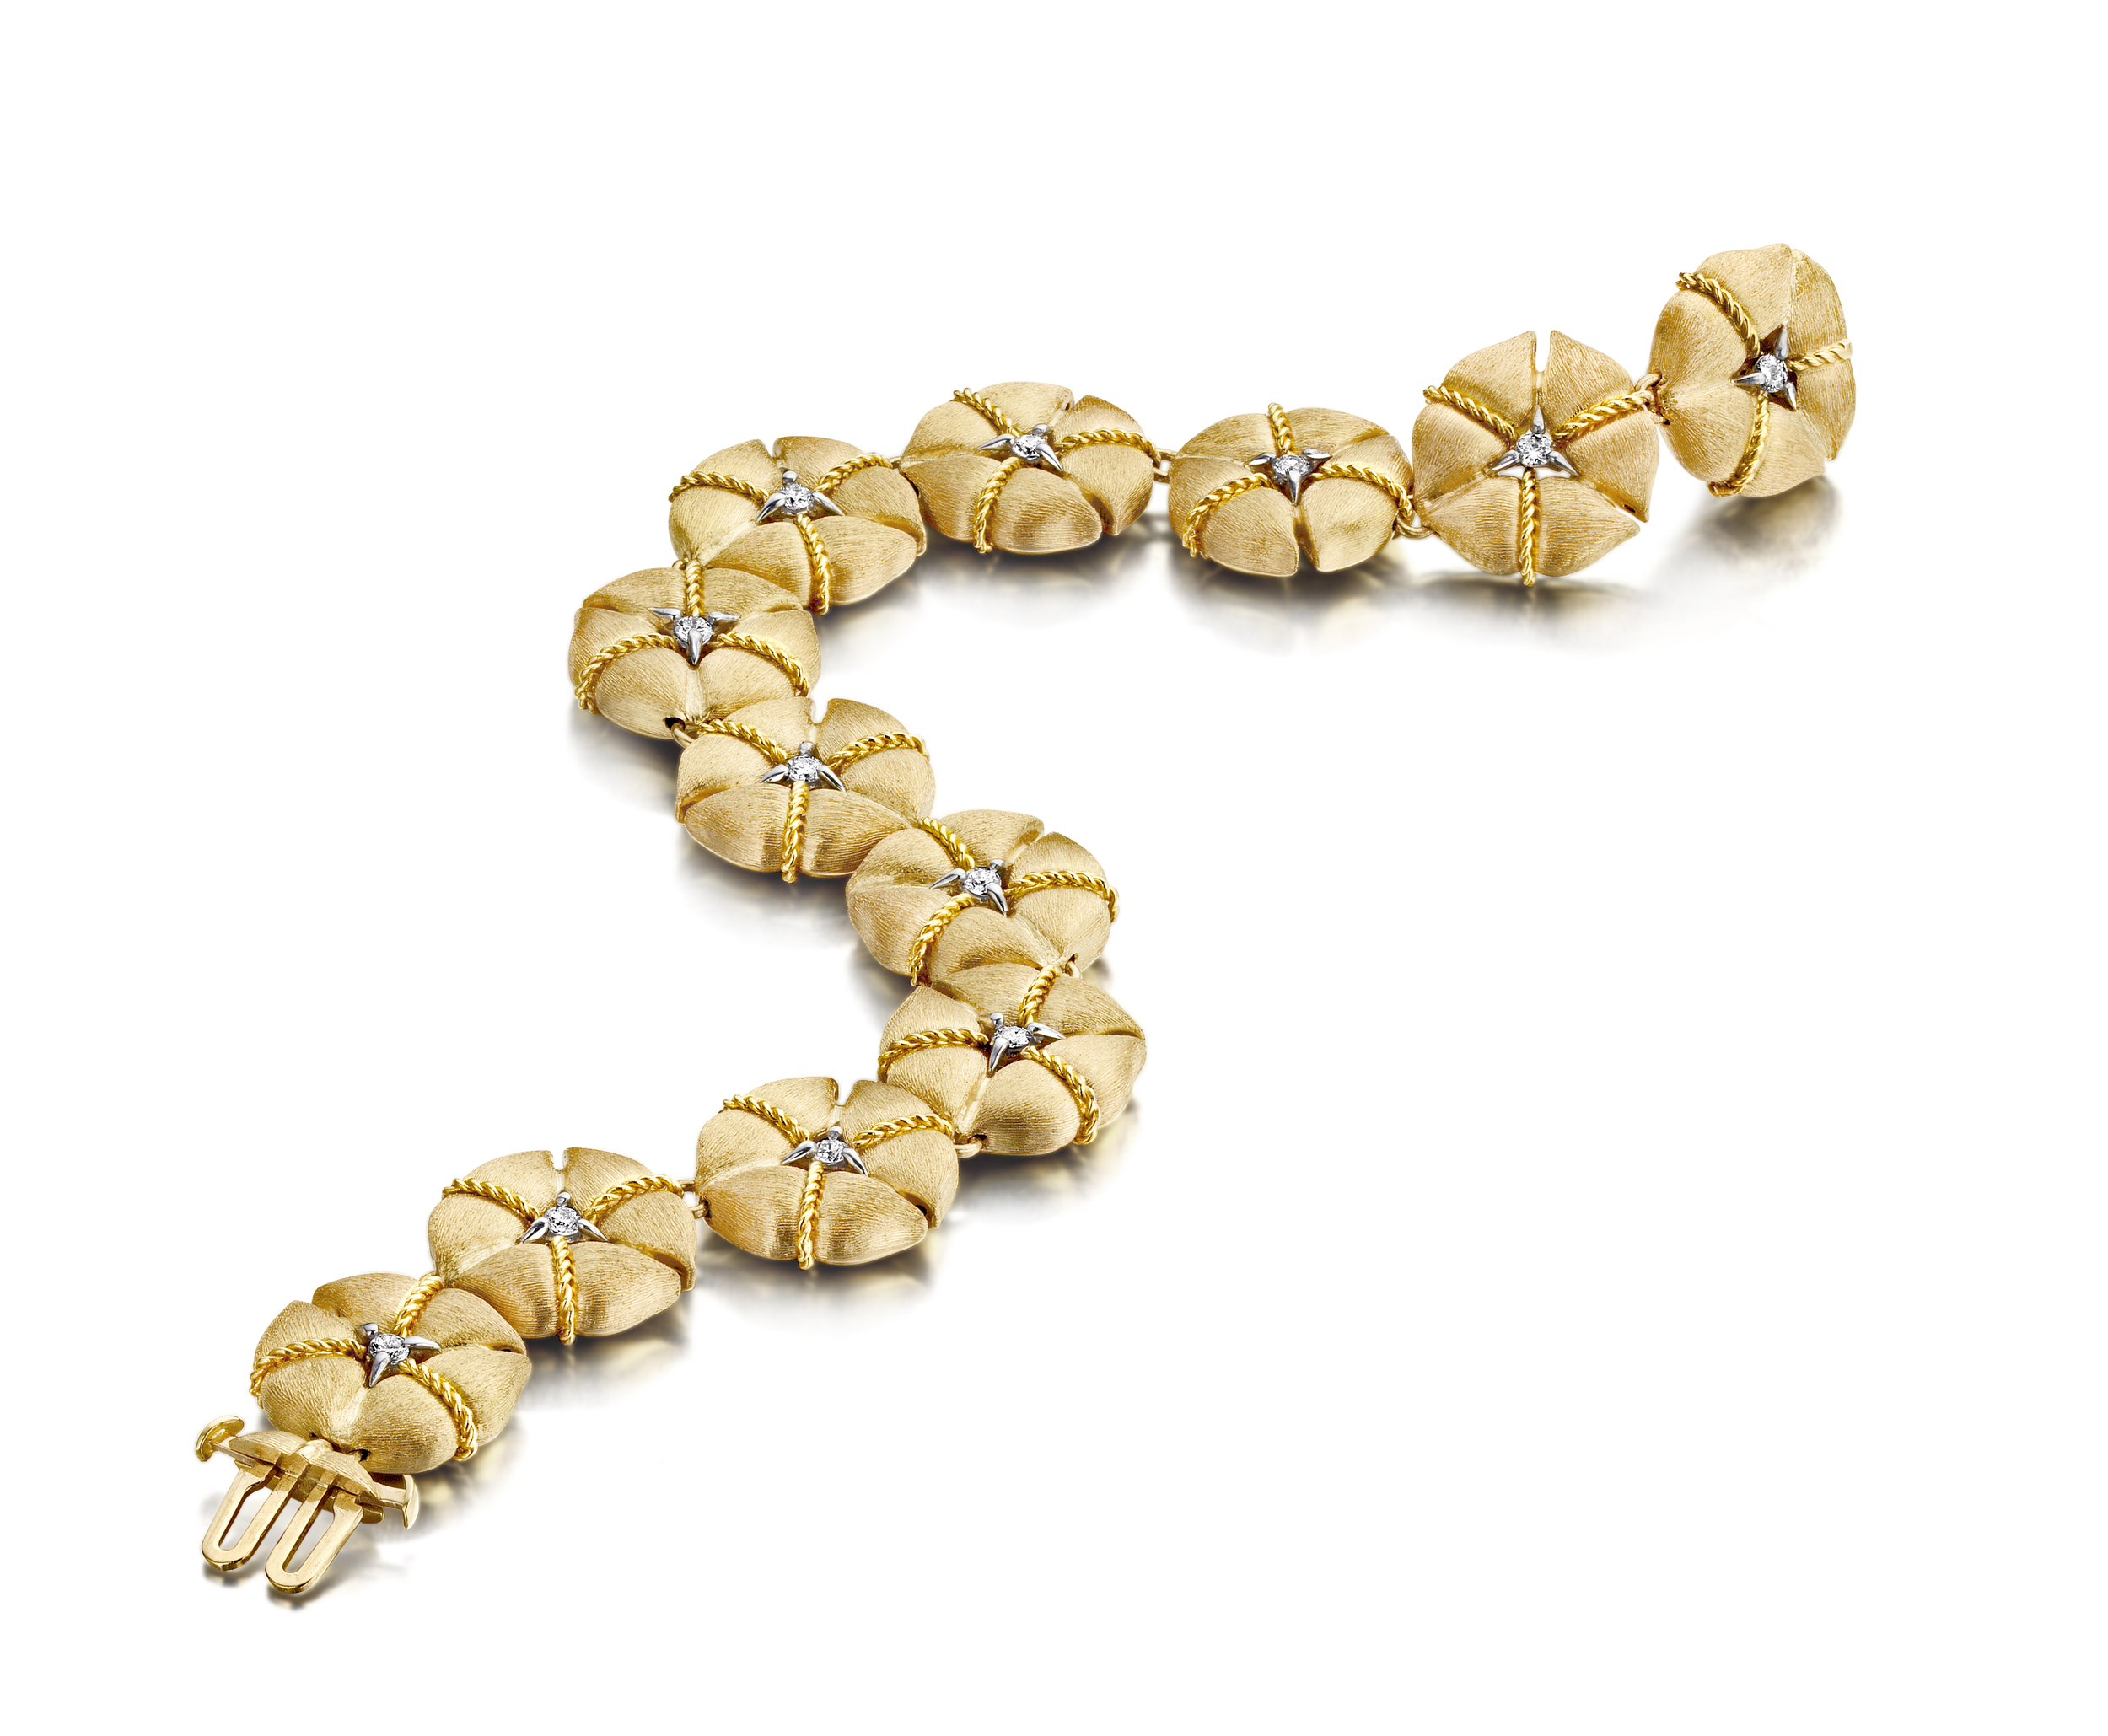 Nanis Chain | Camarillo Jewelers | Van Gundys